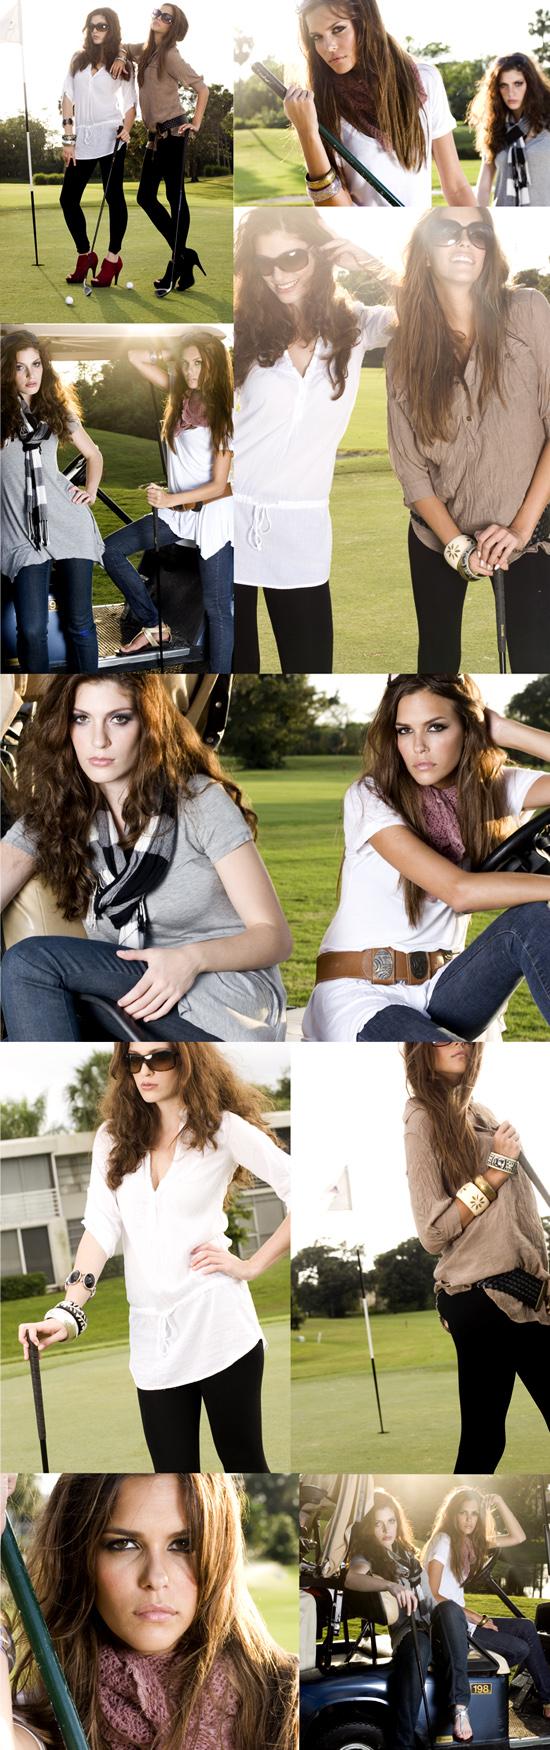 Dec 11, 2009 Camila & Camila Editorial- No retouching whatsoever!